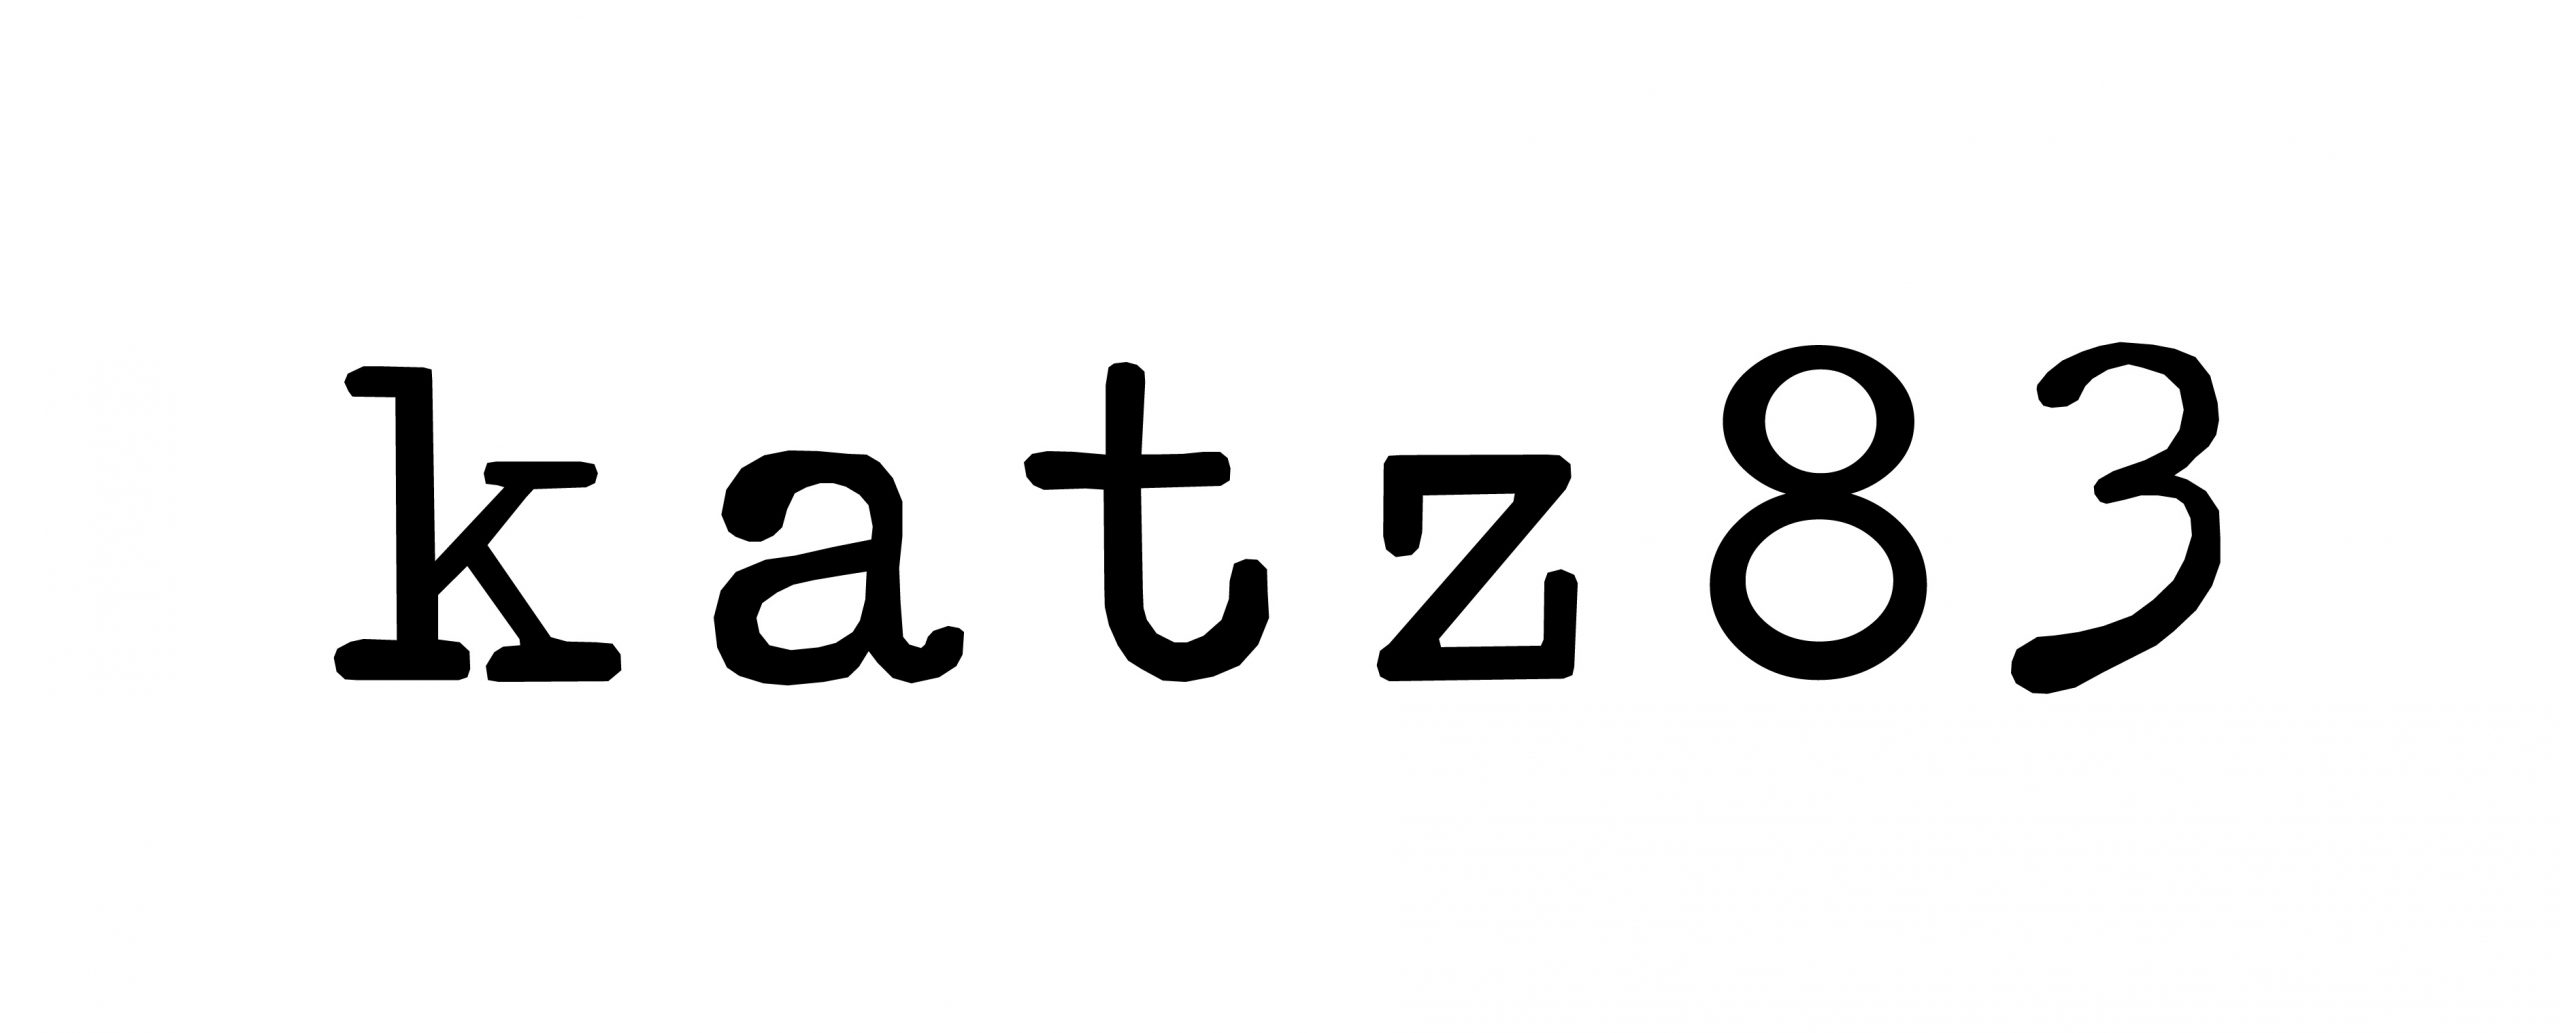 Katz83